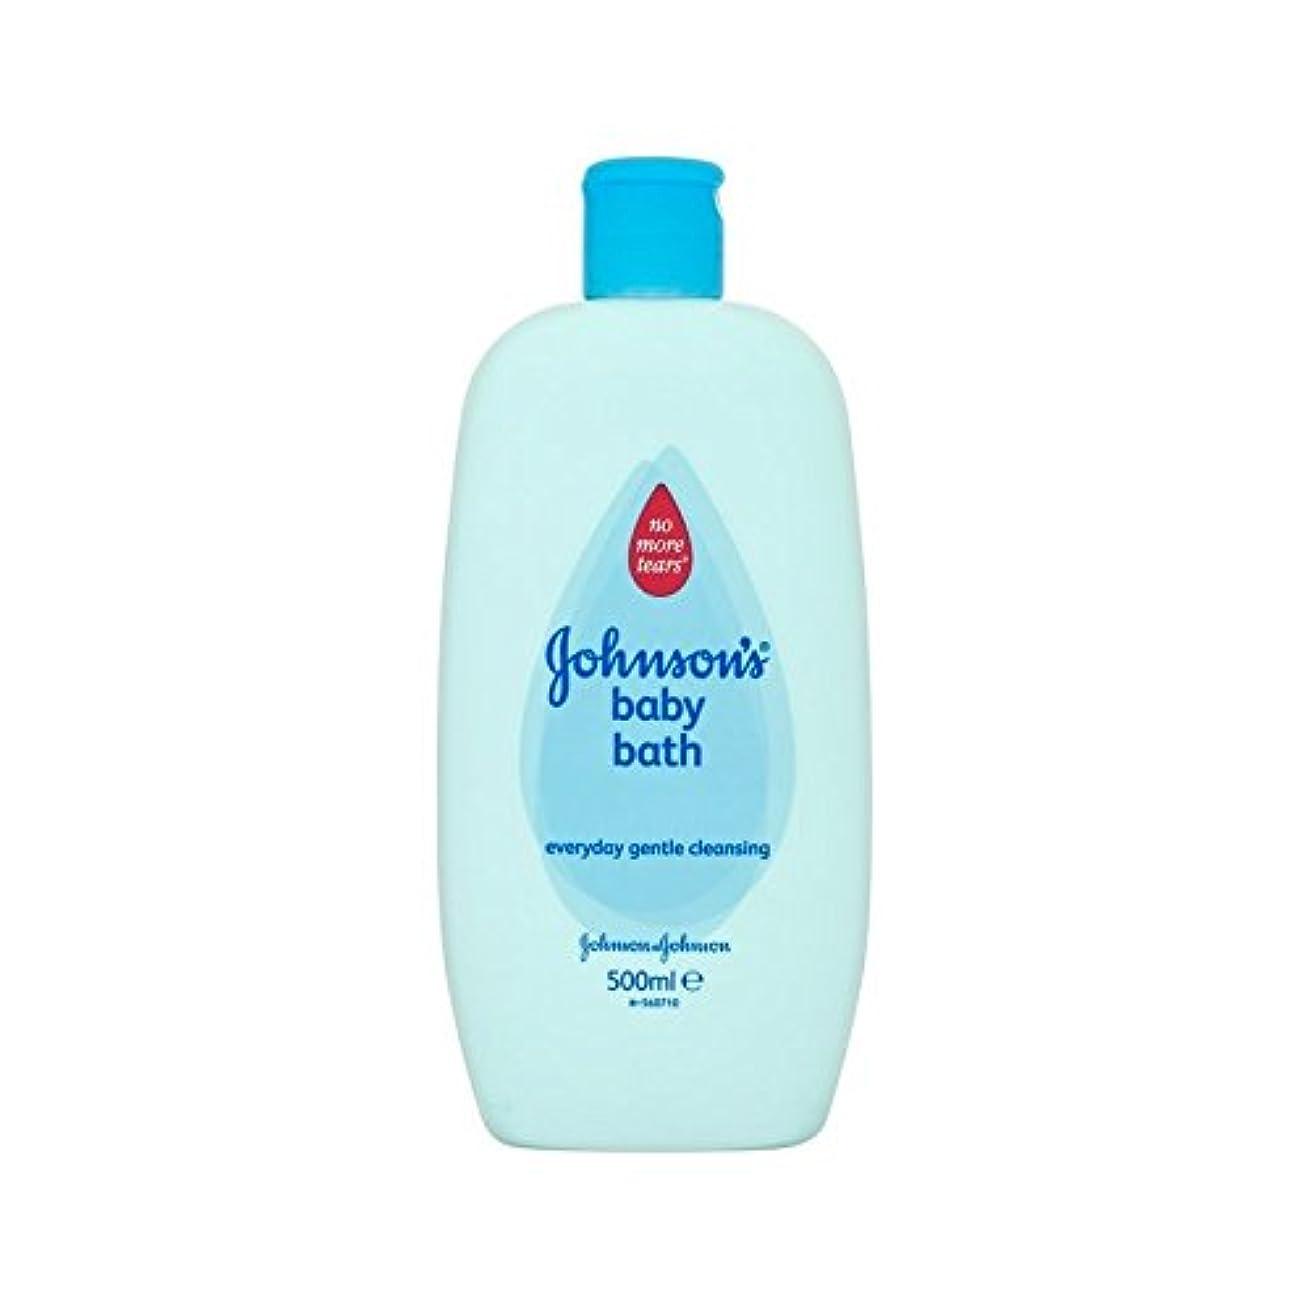 夫サイレント青写真バス500ミリリットル (Johnson's Baby) - Johnson's Baby Bath 500ml [並行輸入品]